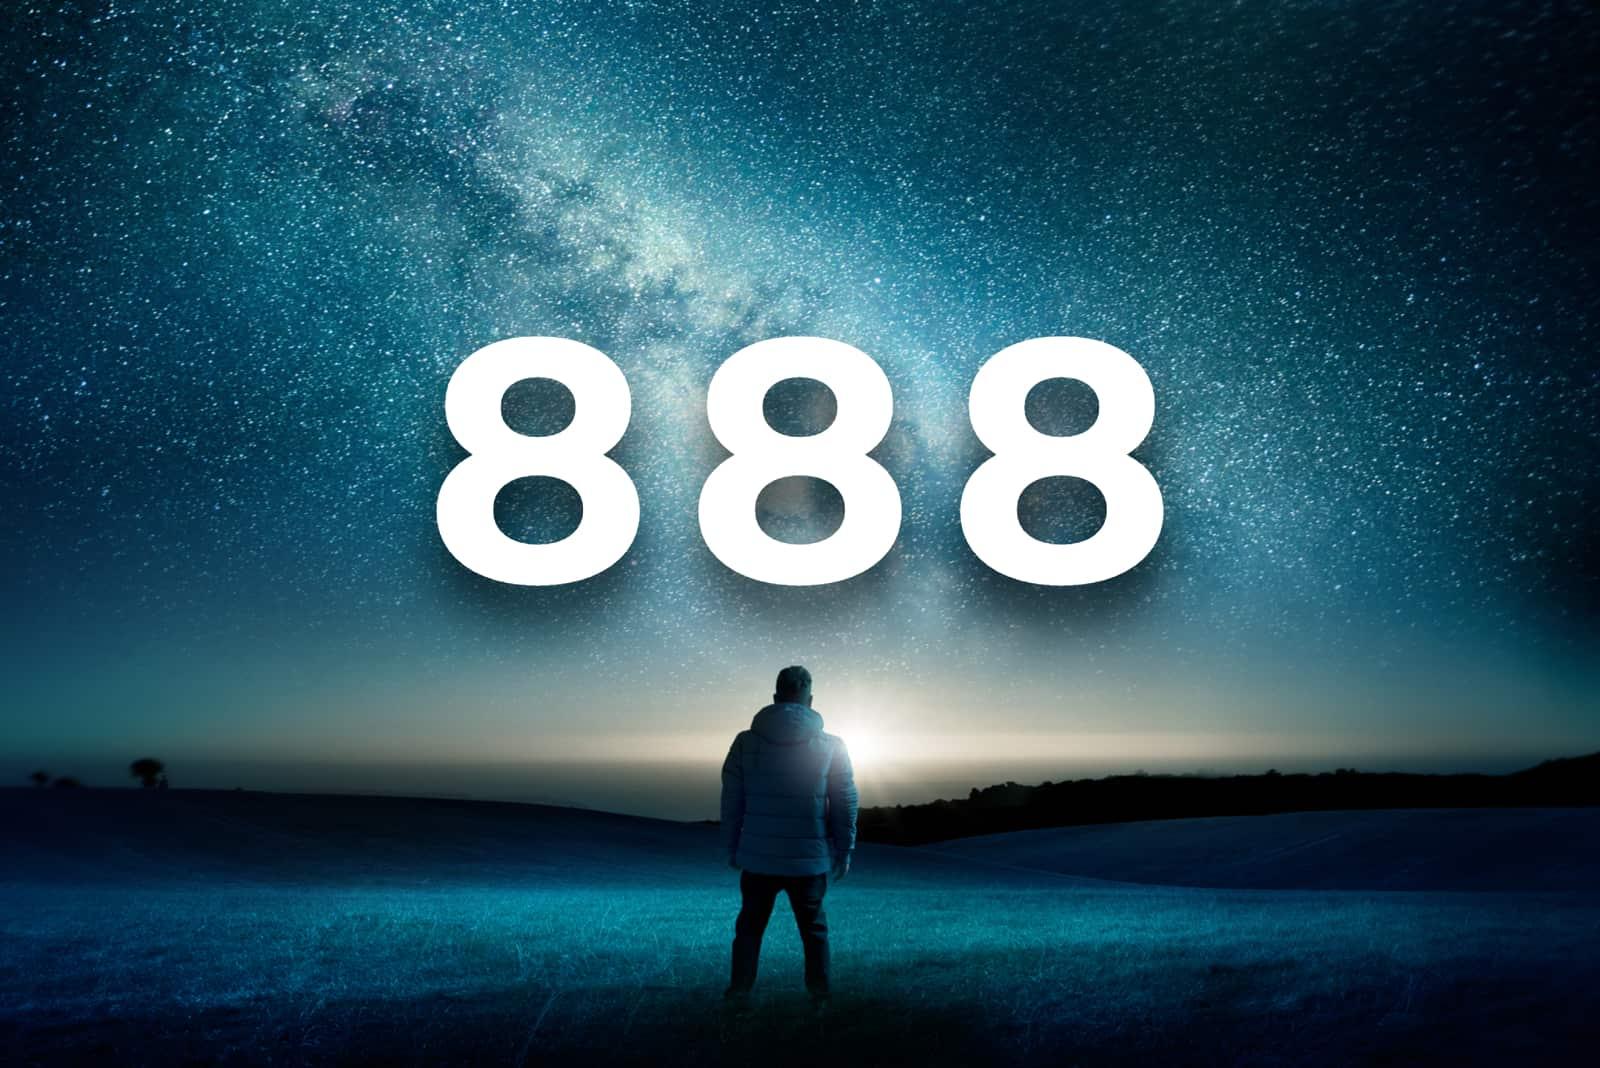 Milchstraße 888 nummer